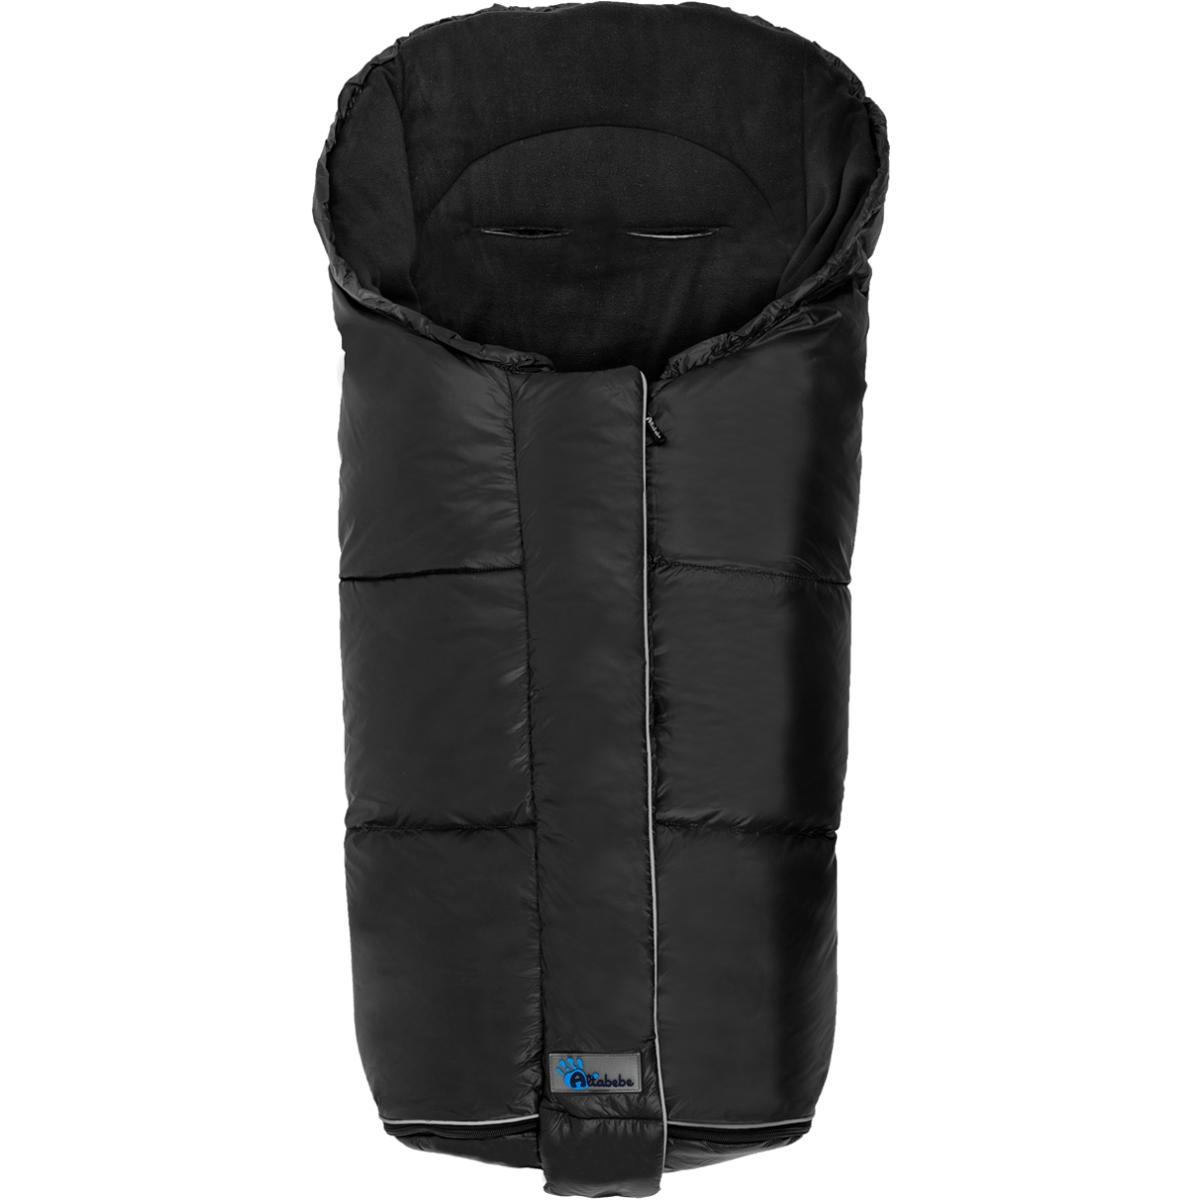 altabebe daunenfu sack winterfu sack kinder fu sack f r kinderwagen buggy jogger ebay. Black Bedroom Furniture Sets. Home Design Ideas